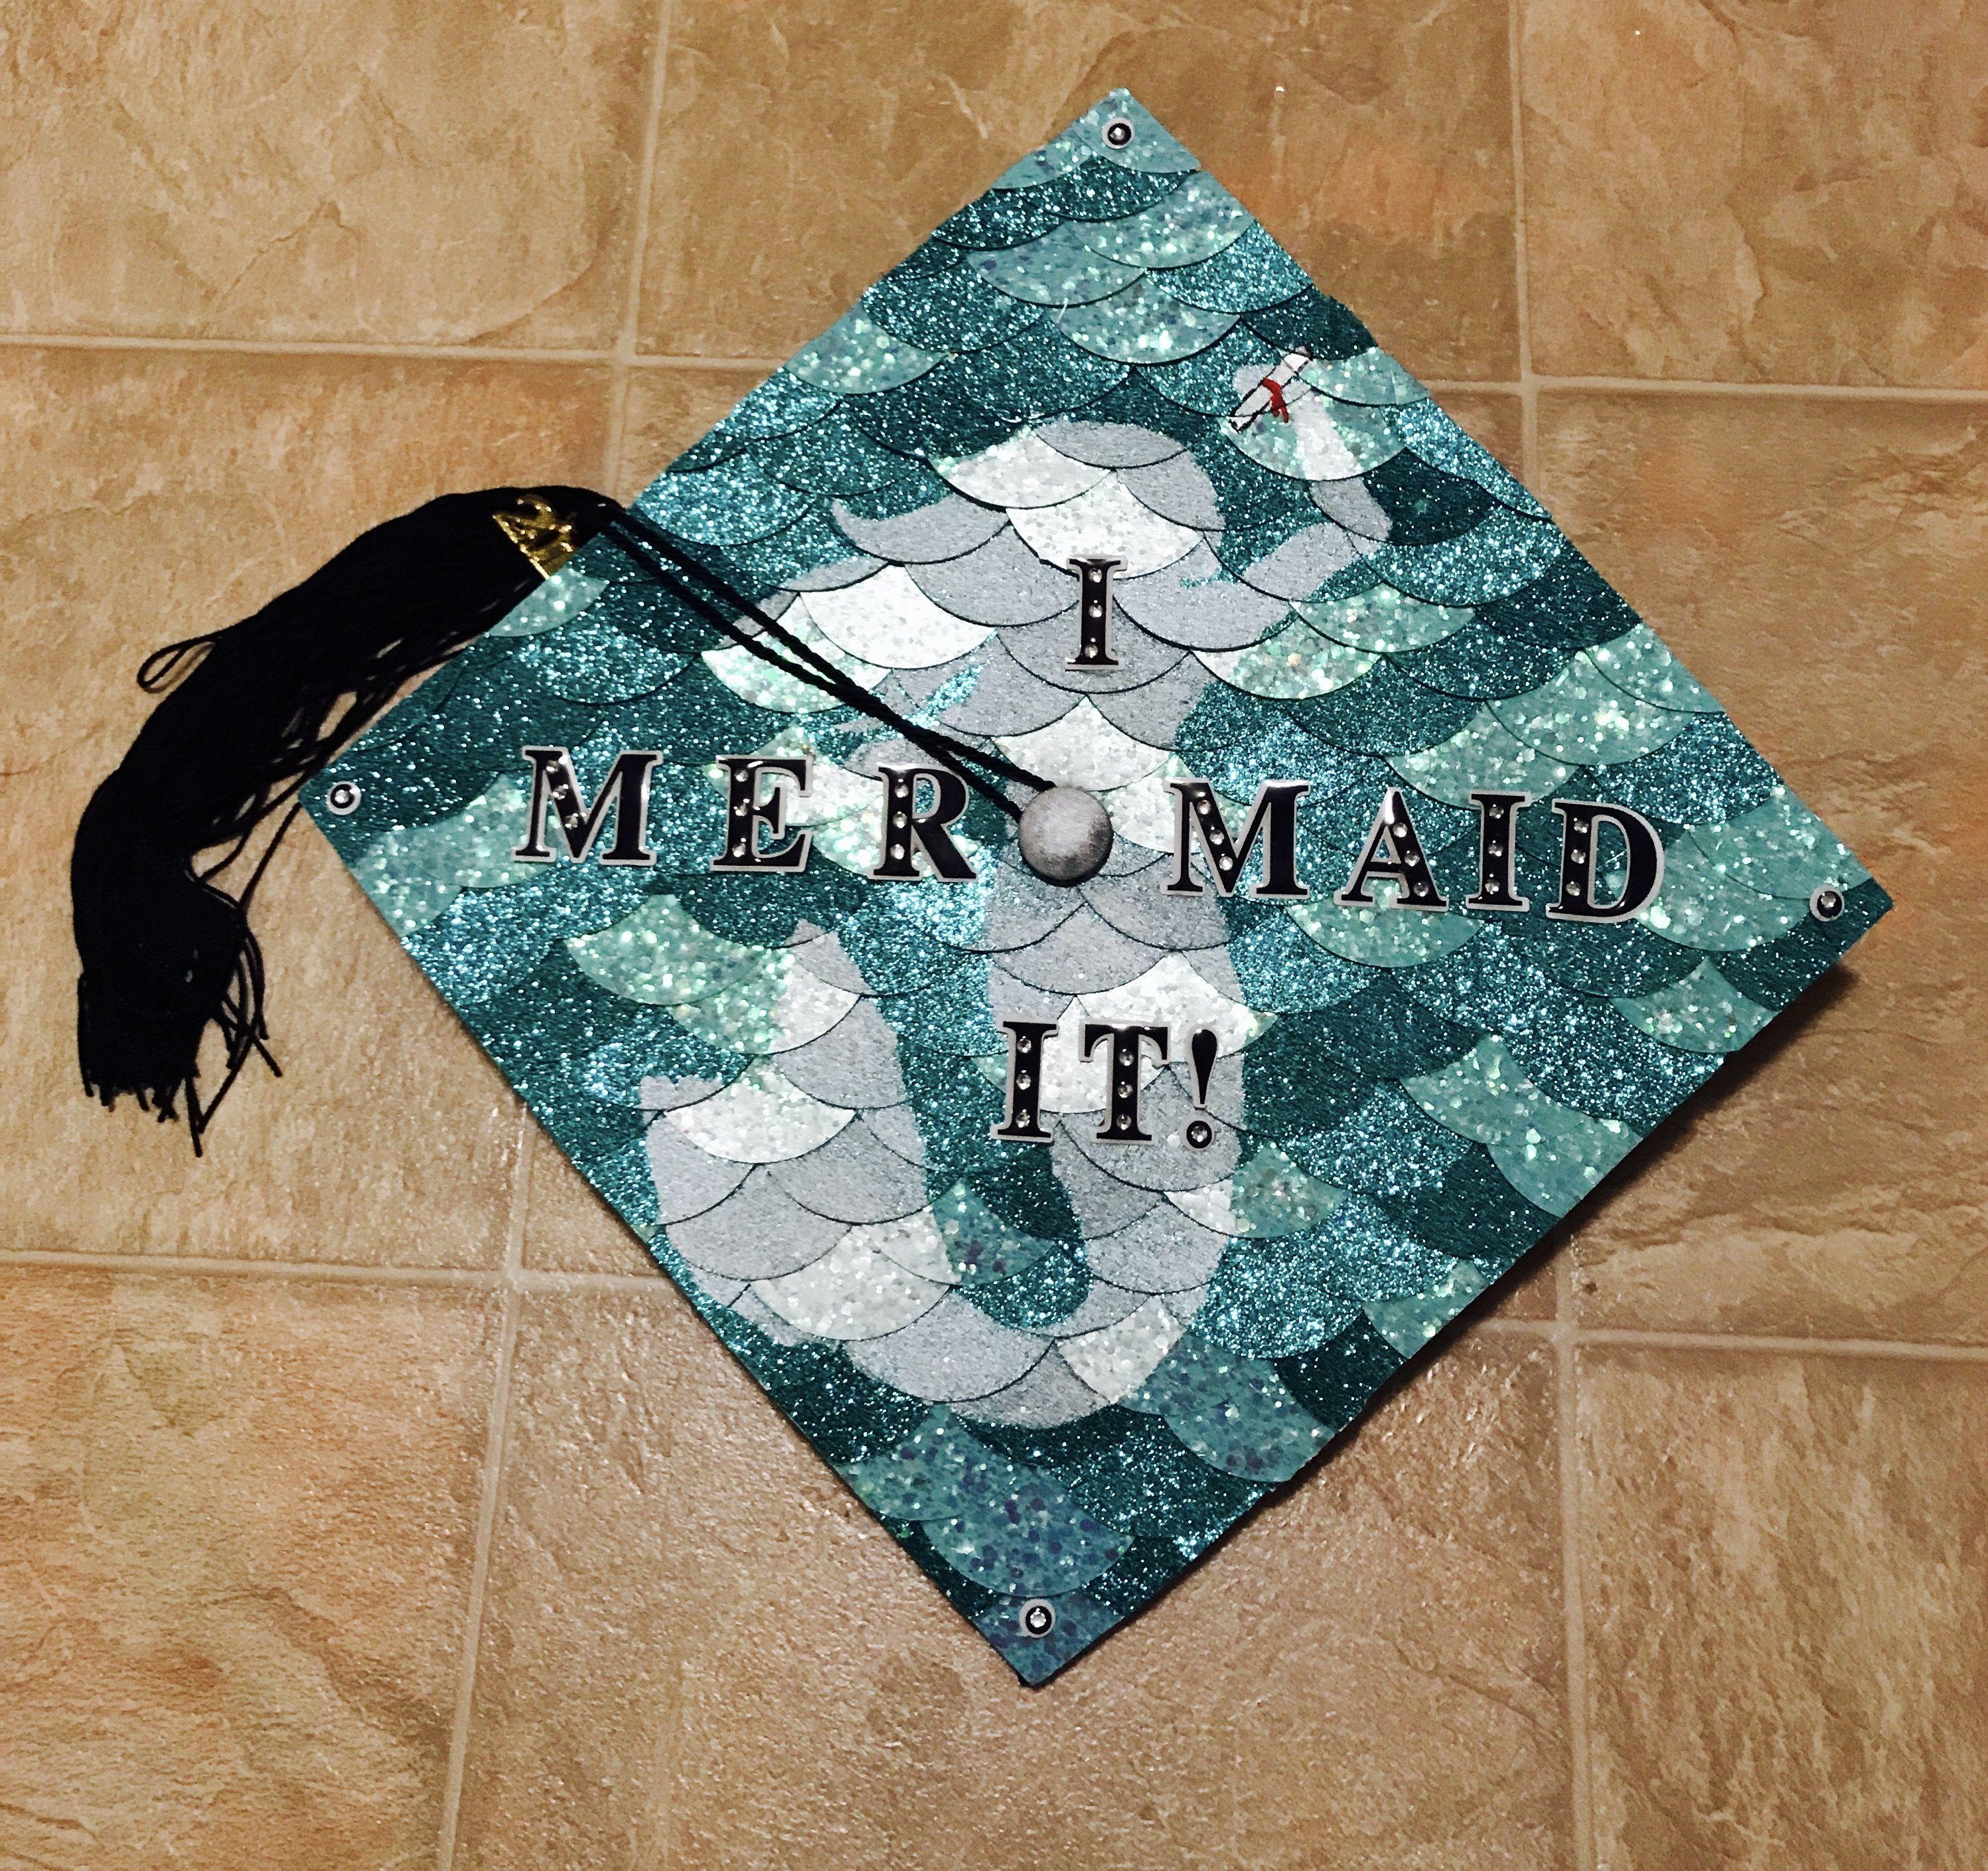 My Mermaid Graduation Cap I Mermaid It Graduation Cap Decoration Cap Decorations